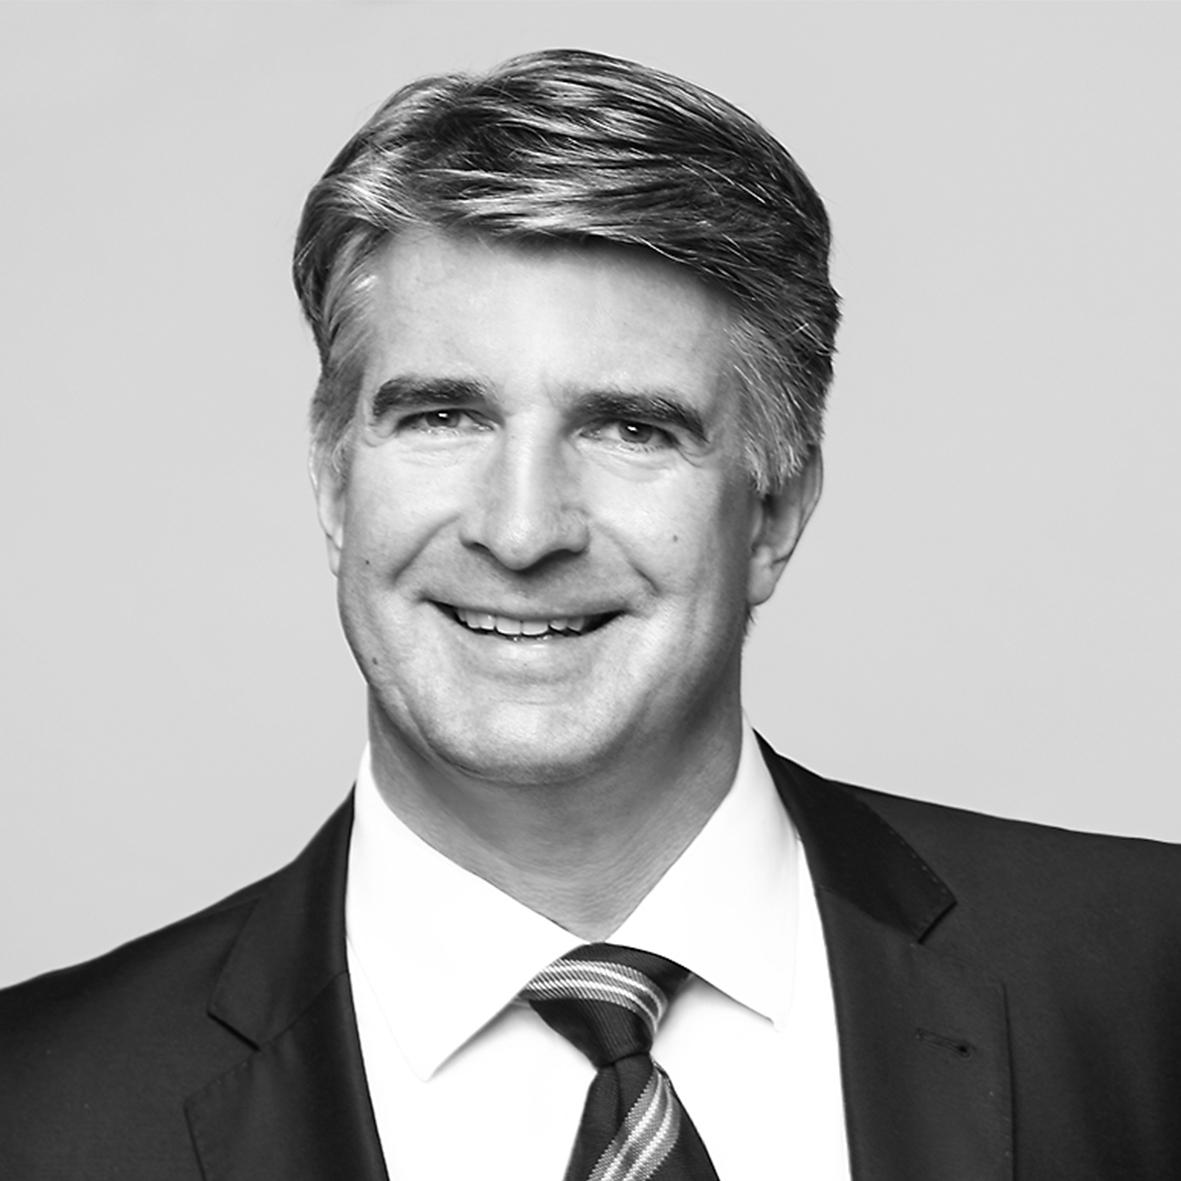 Dr. Dirk Schellack